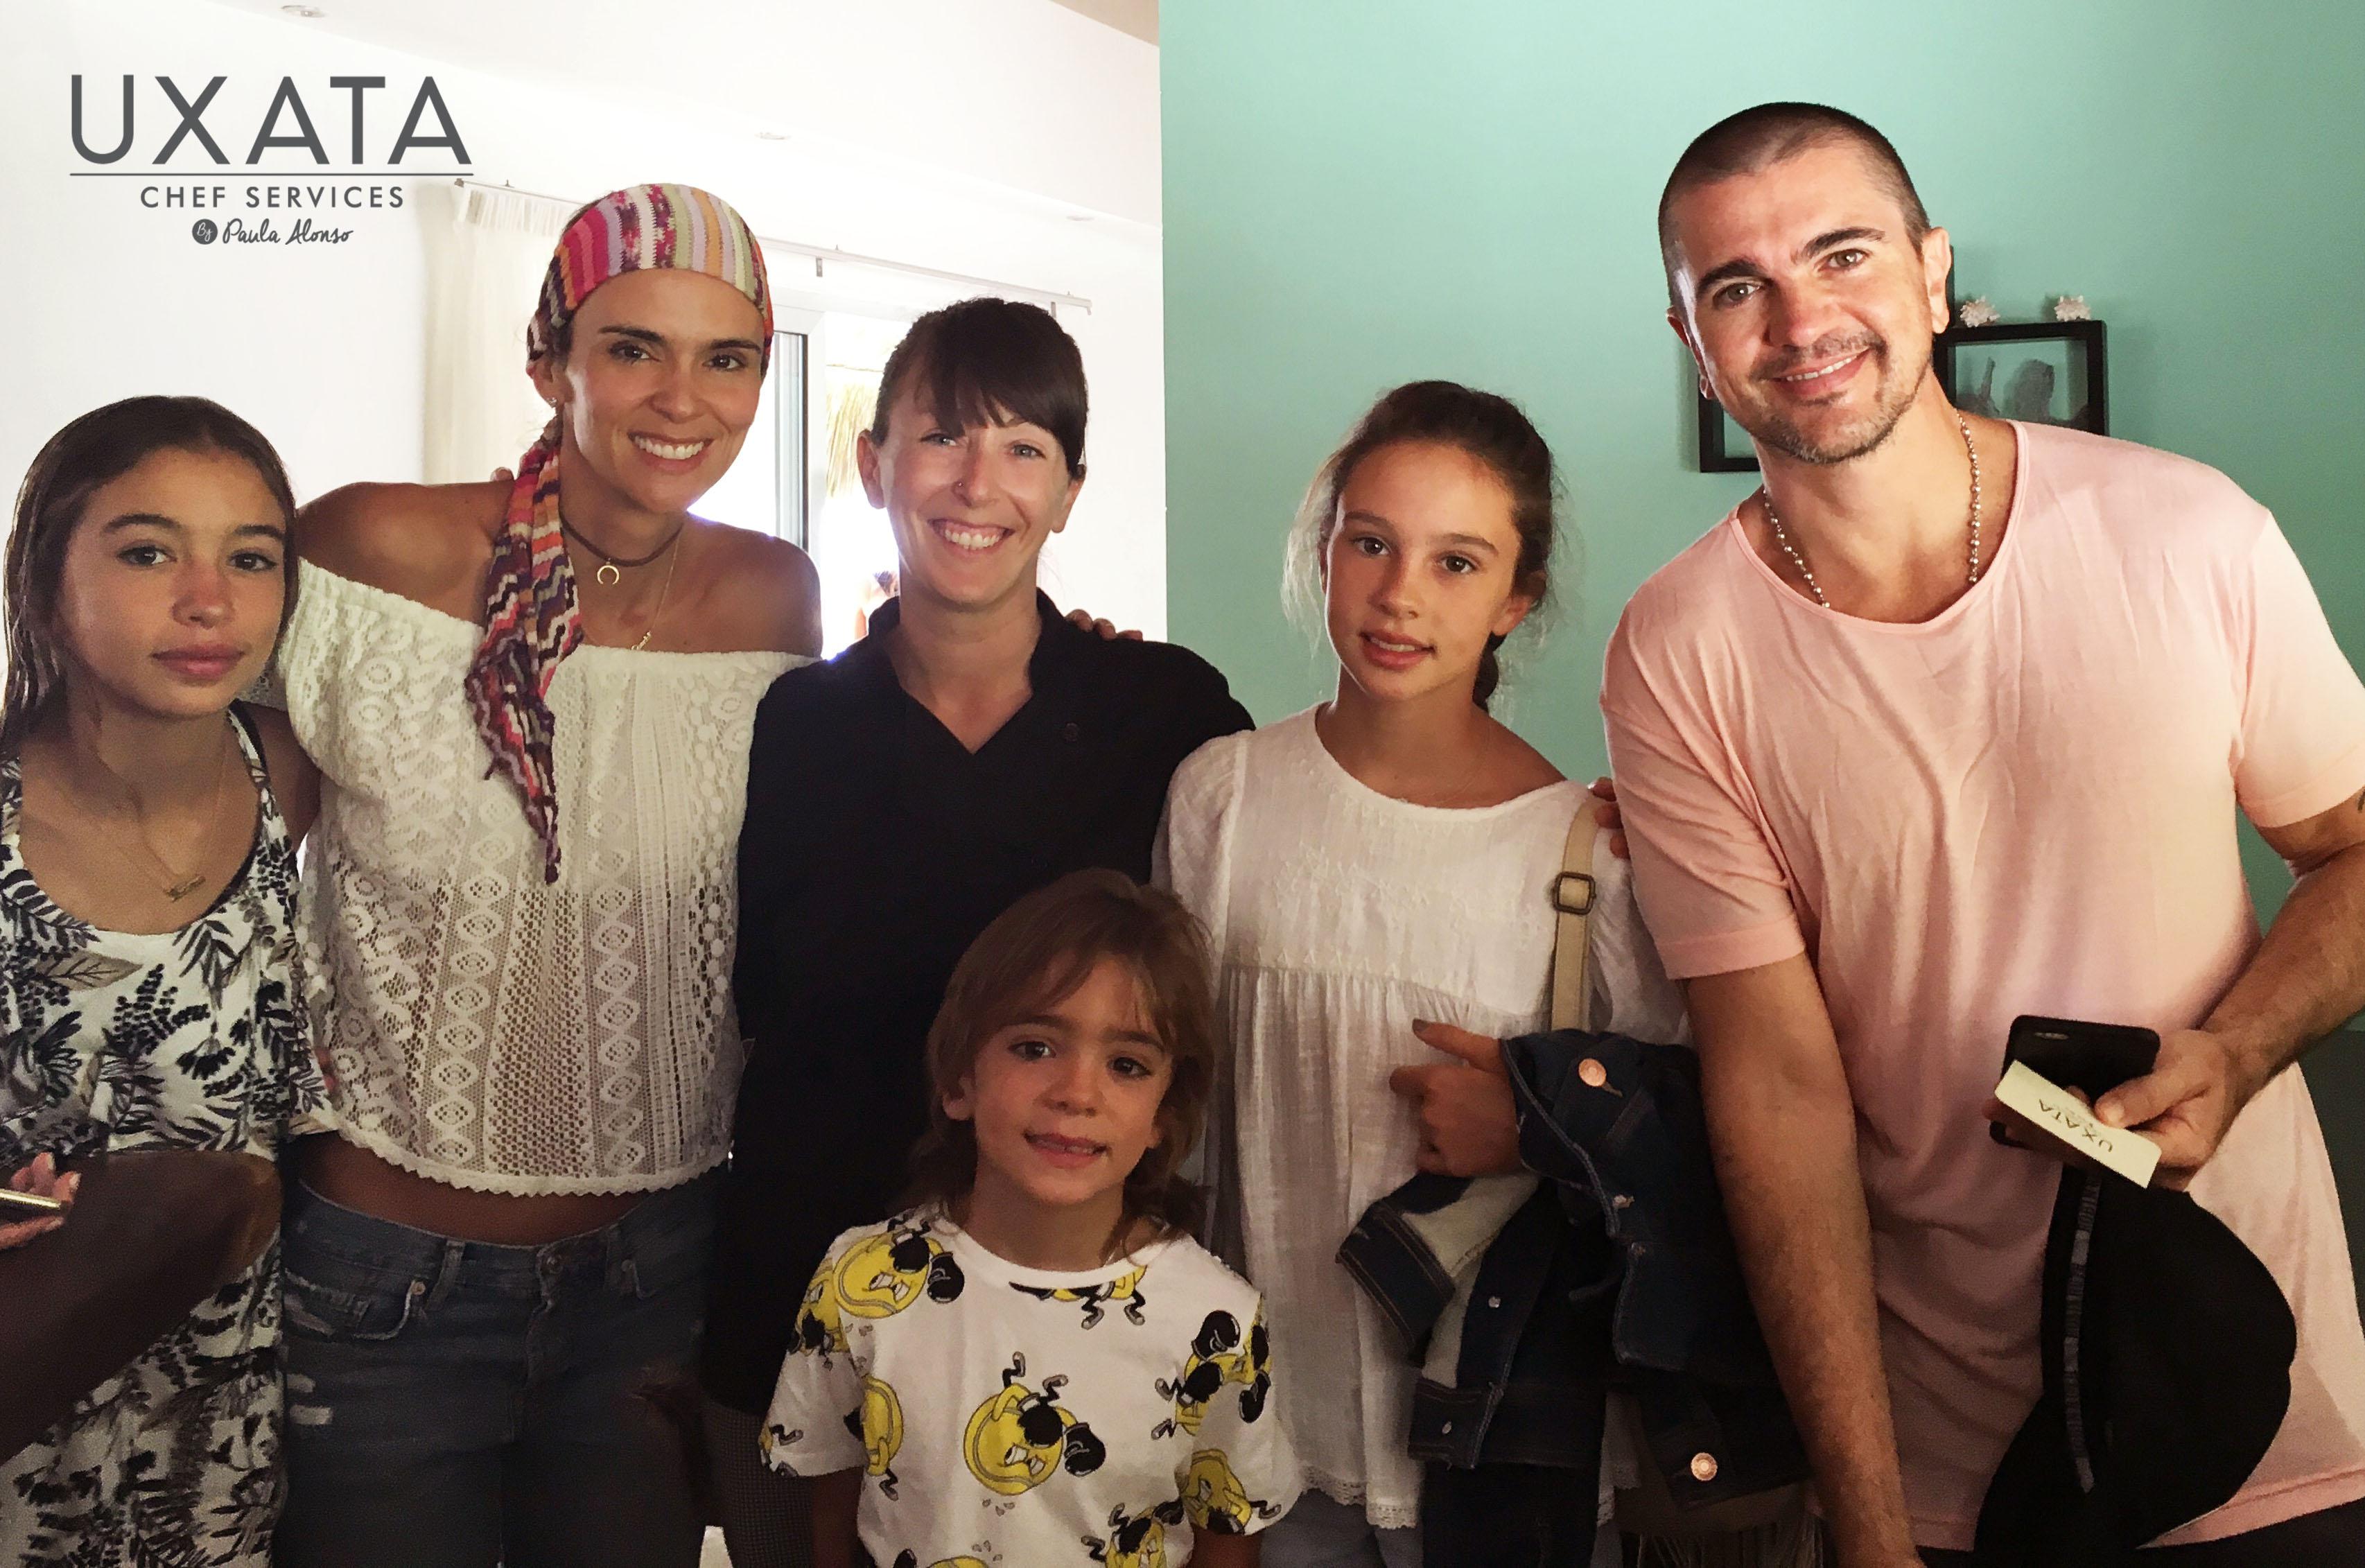 Juanes y familia en Tulum by UXATA Chef Services